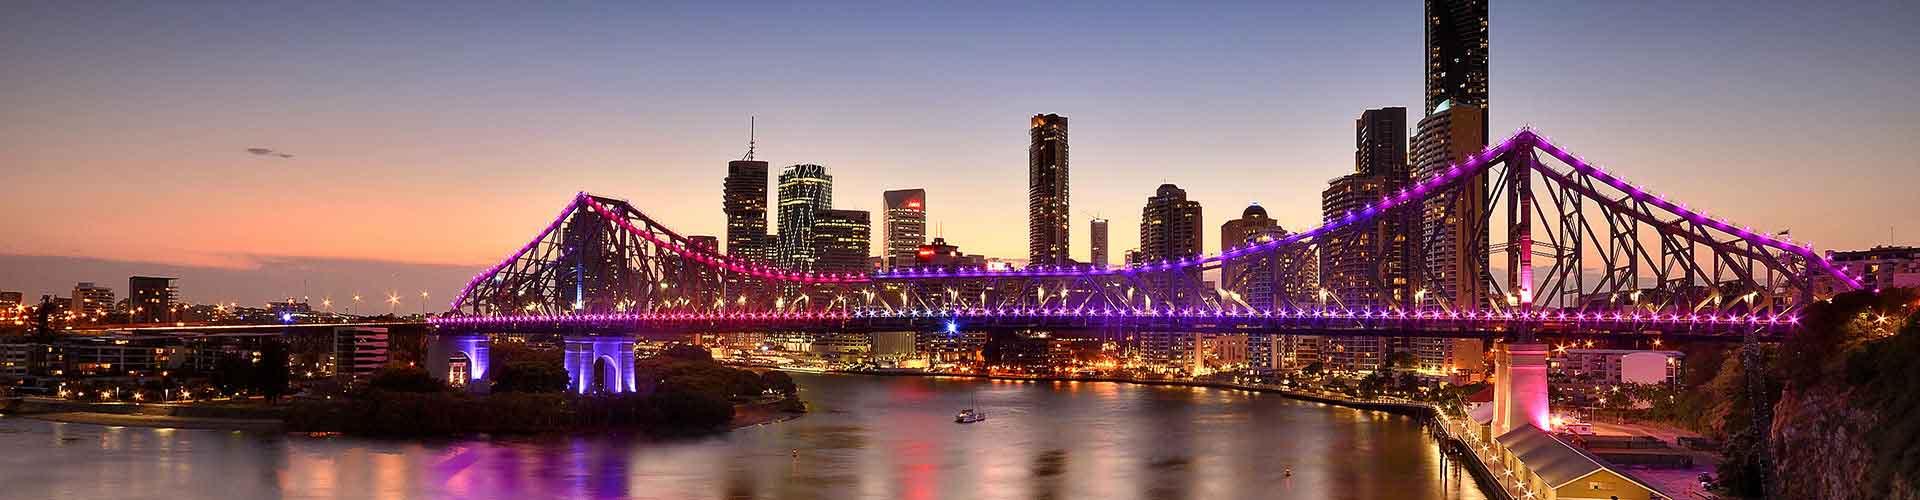 Brisbane - Ifjúsági Szállások Délkelet Külső Brisbane városrészen. Brisbane térképek, fotók, és ajánlások minden egyes Ifjúsági Szállásra: Brisbane